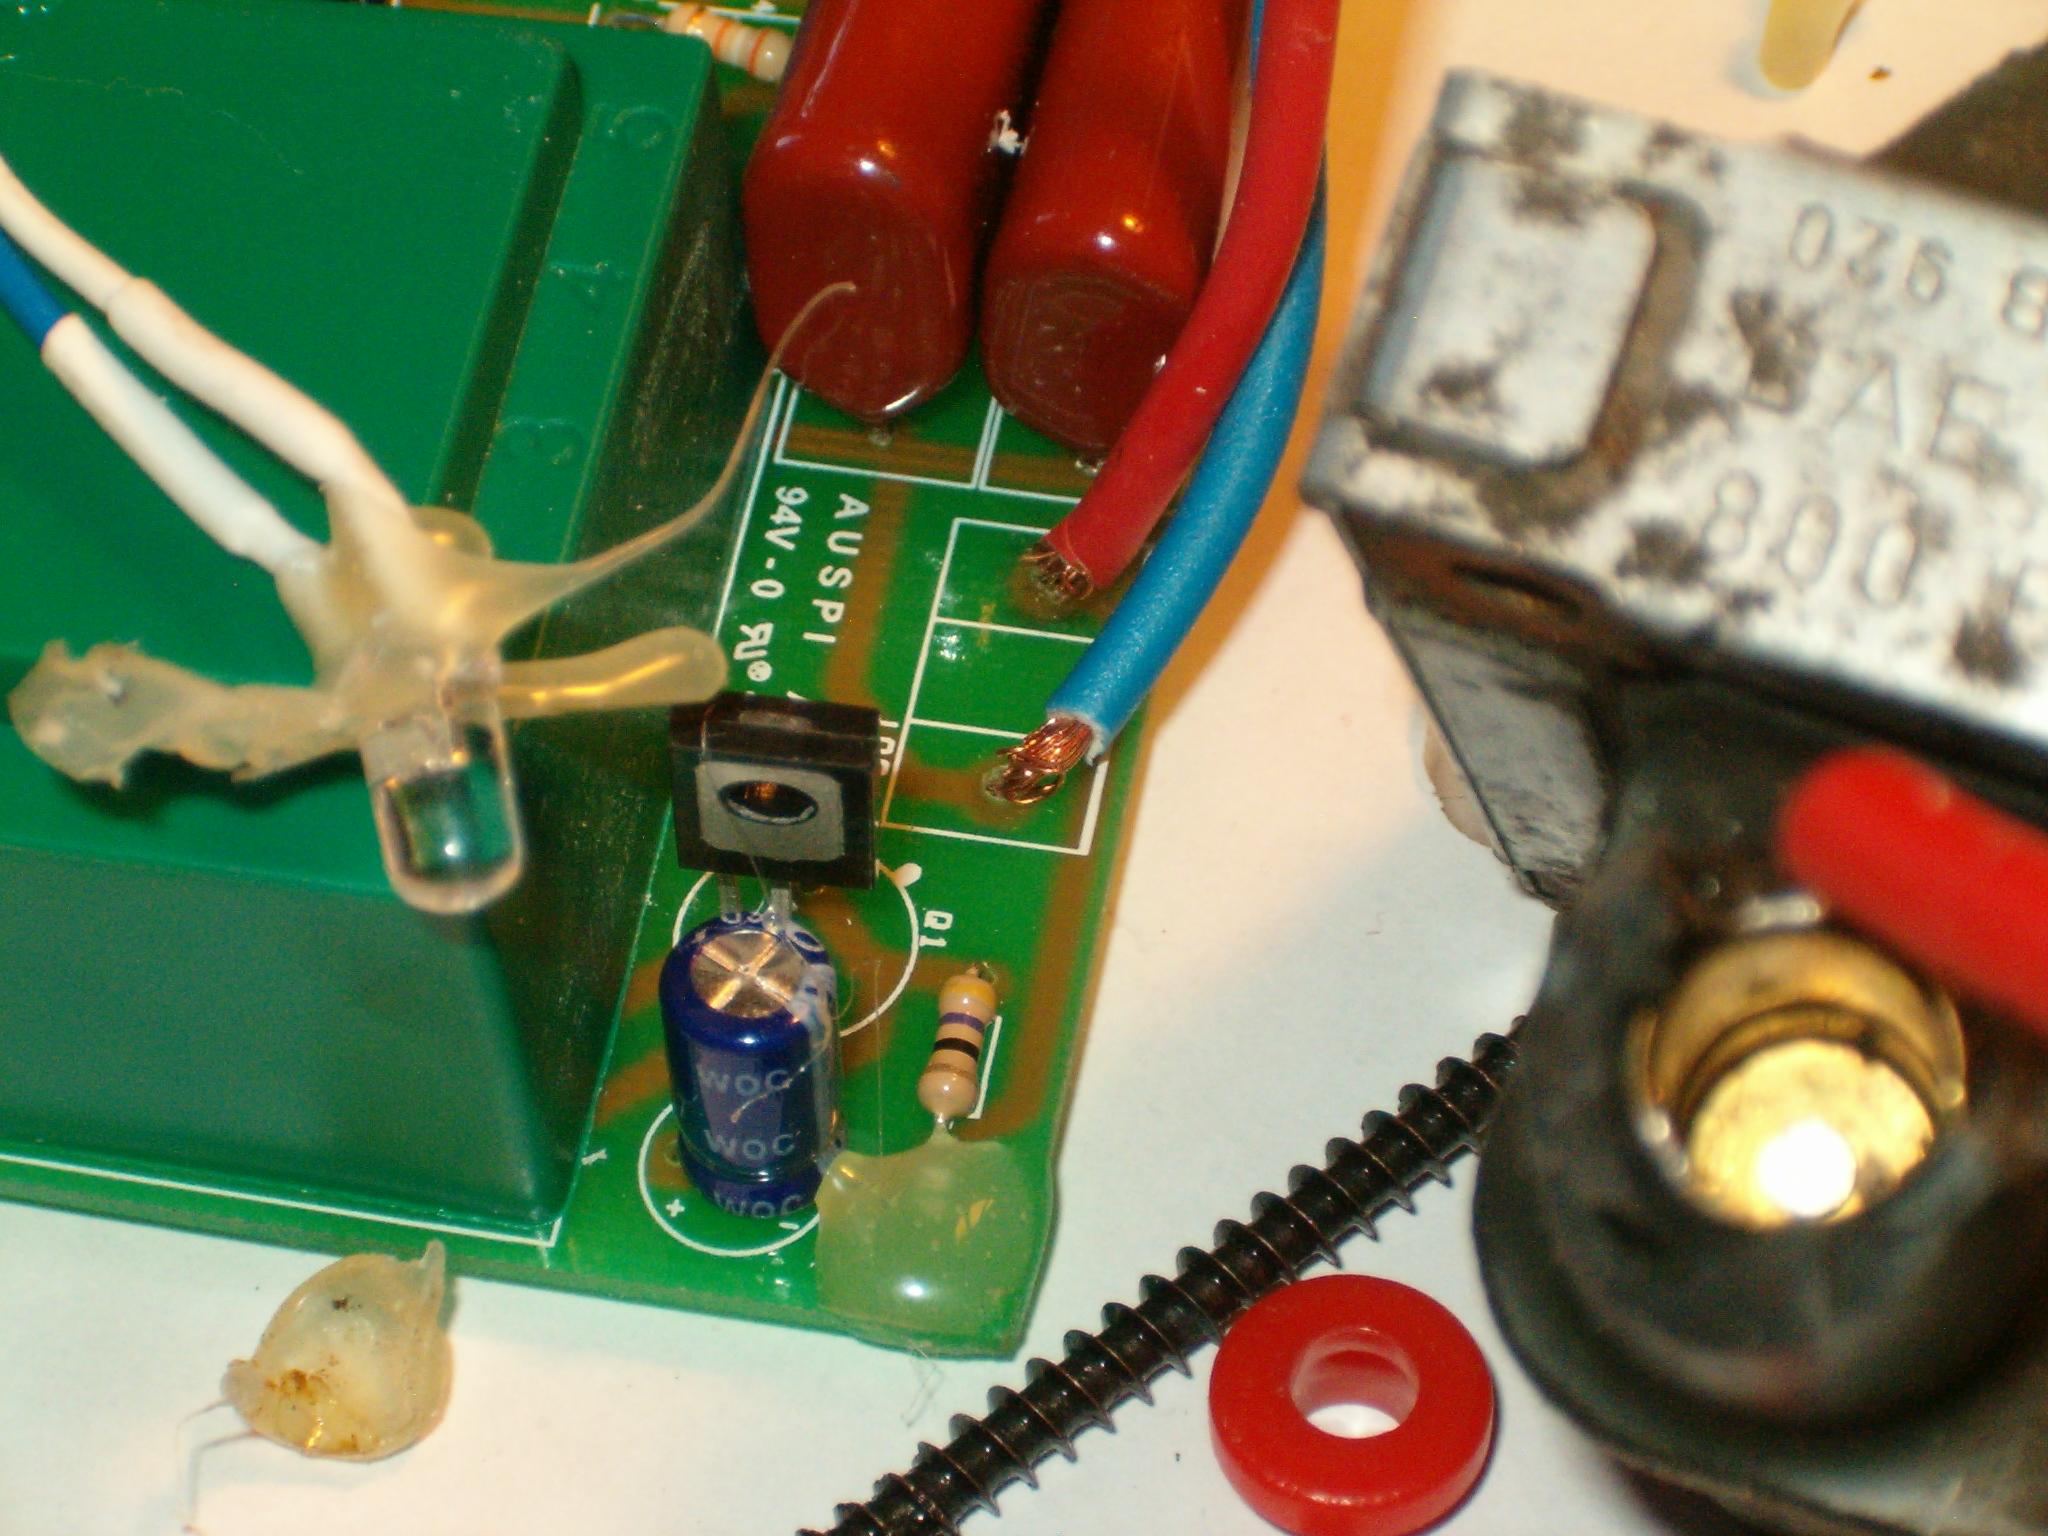 Schema Elettrico Elettrificatore Per Recinzioni : Elettrificatore per recinti